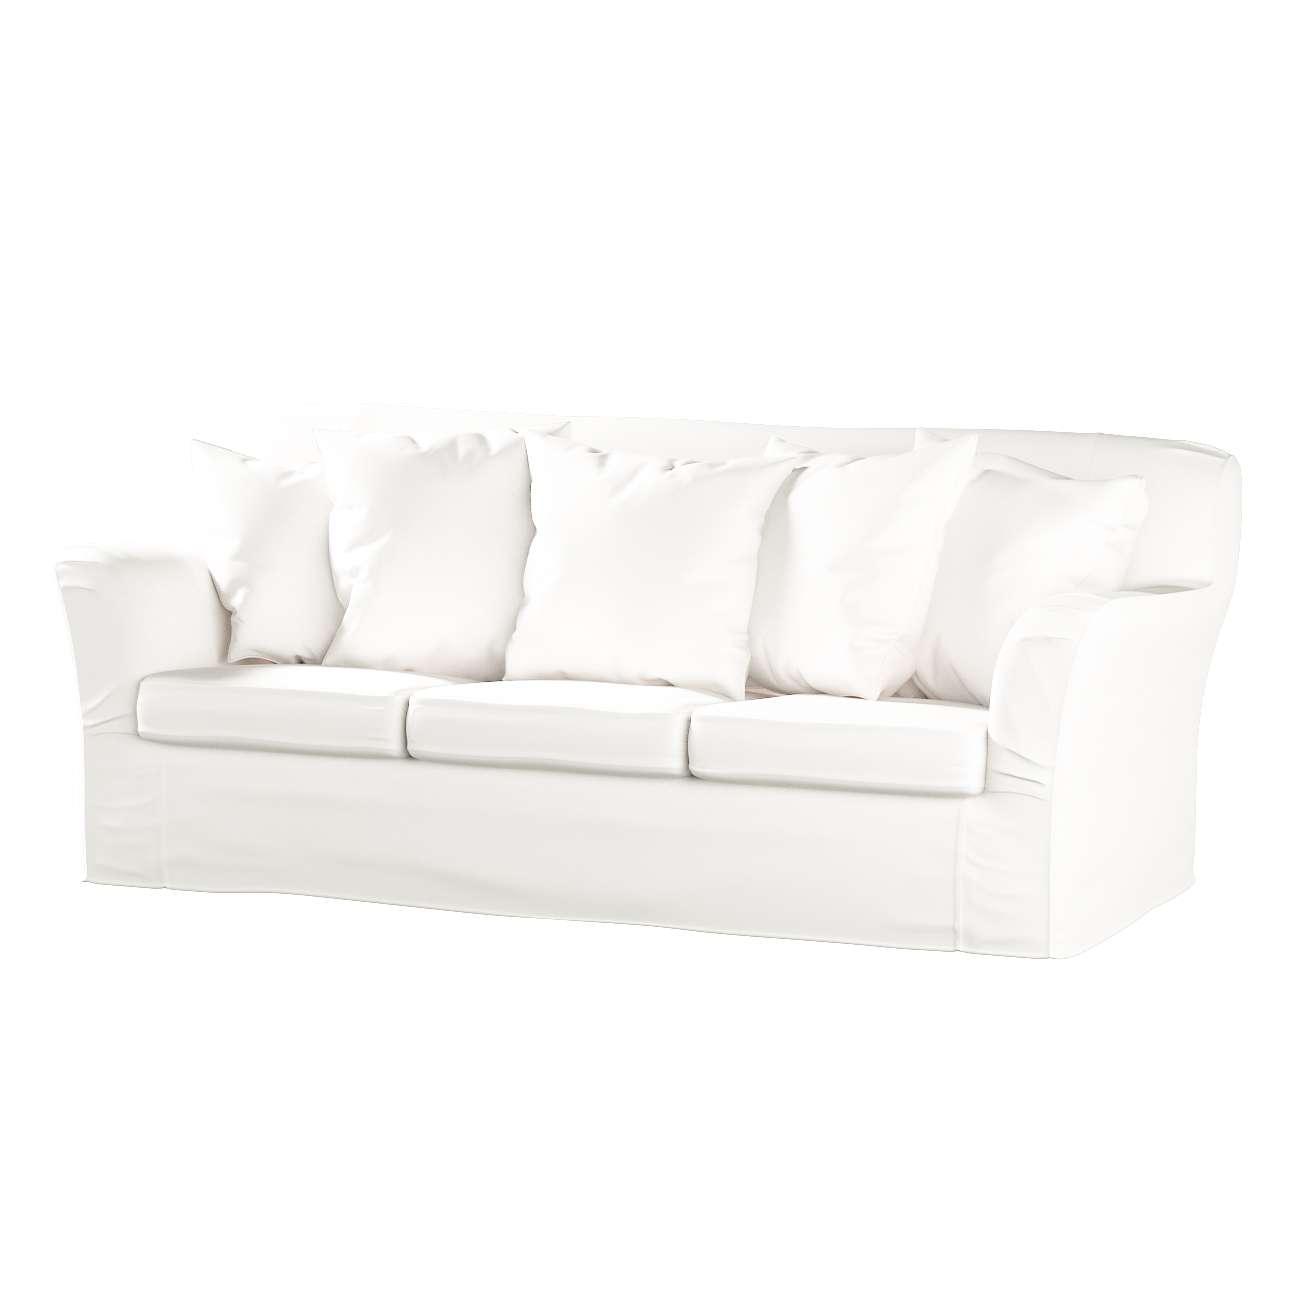 TOMELILLA  trivietės sofos užvalkalas TOMELILLA trivietė sofa kolekcijoje Cotton Panama, audinys: 702-34